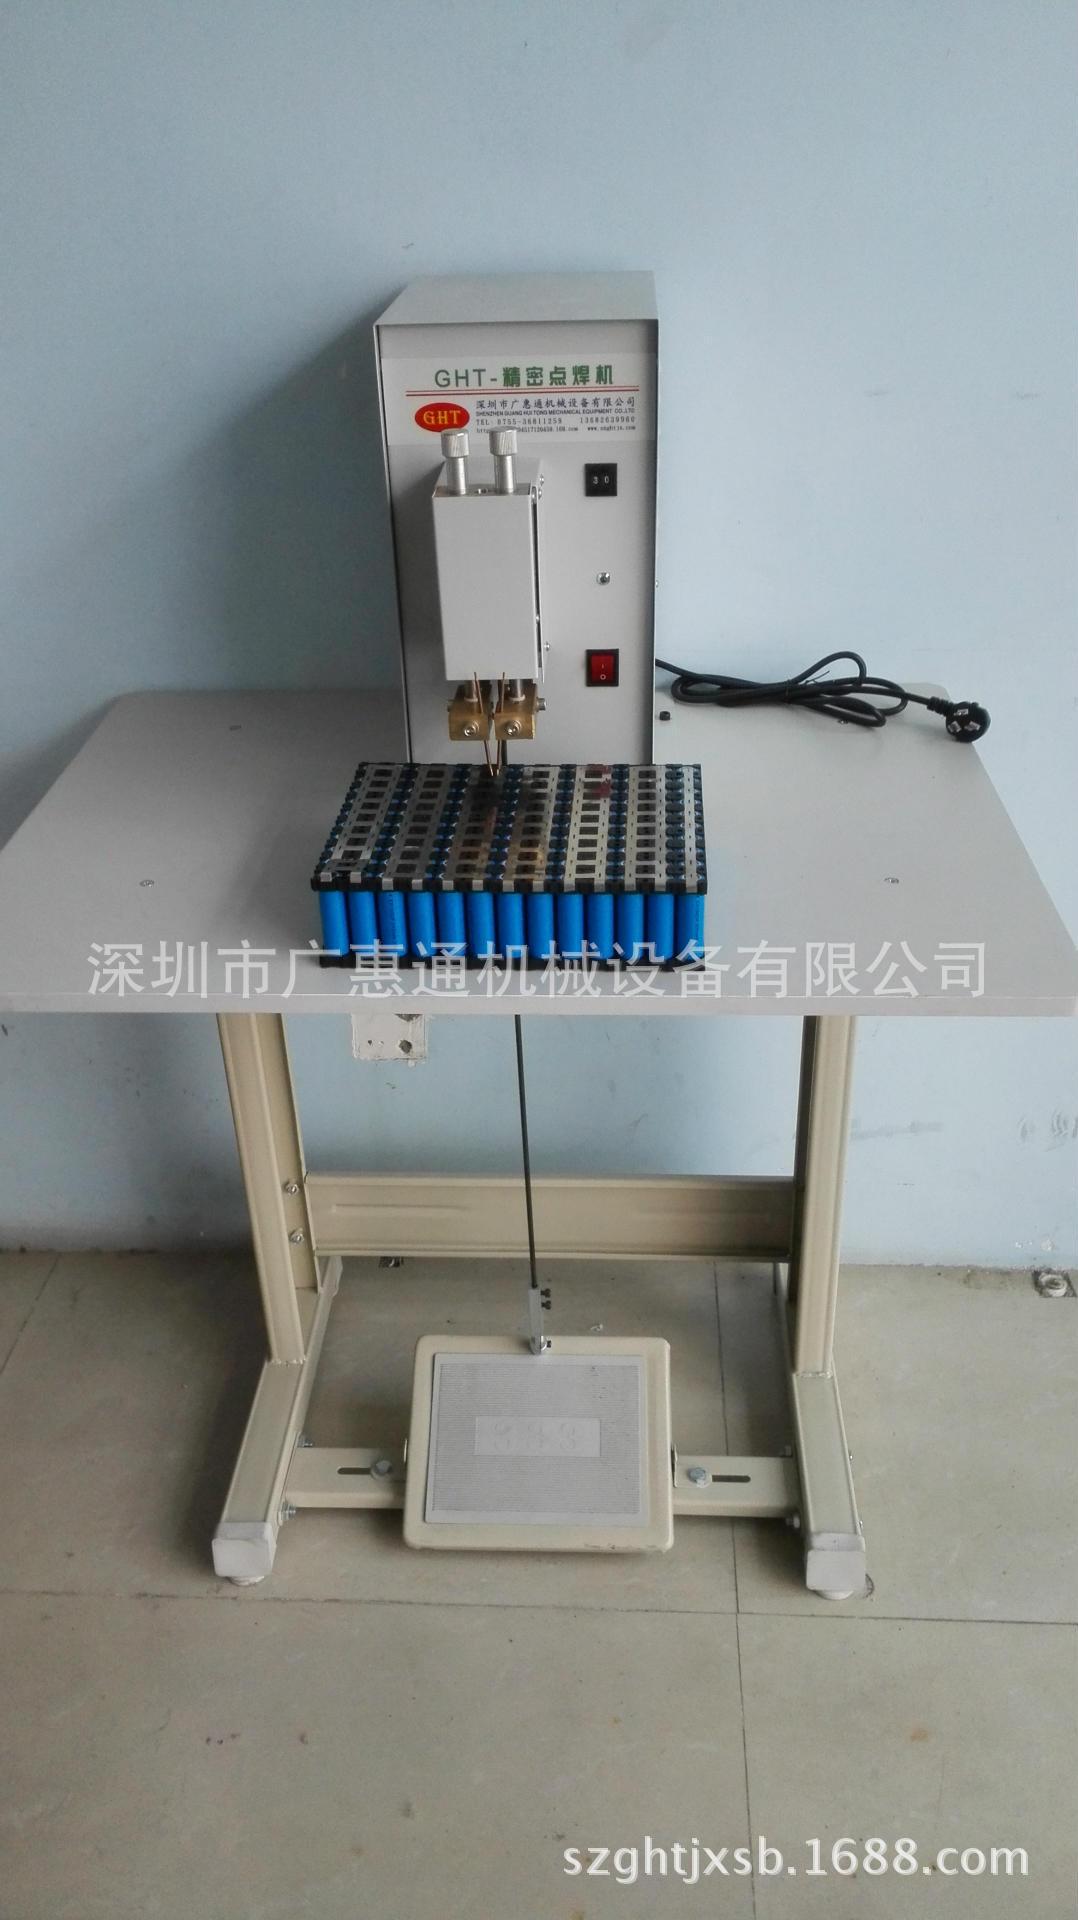 厂家大量销售锂电池点焊机18650动力电池组点焊机交流点焊机 广惠通